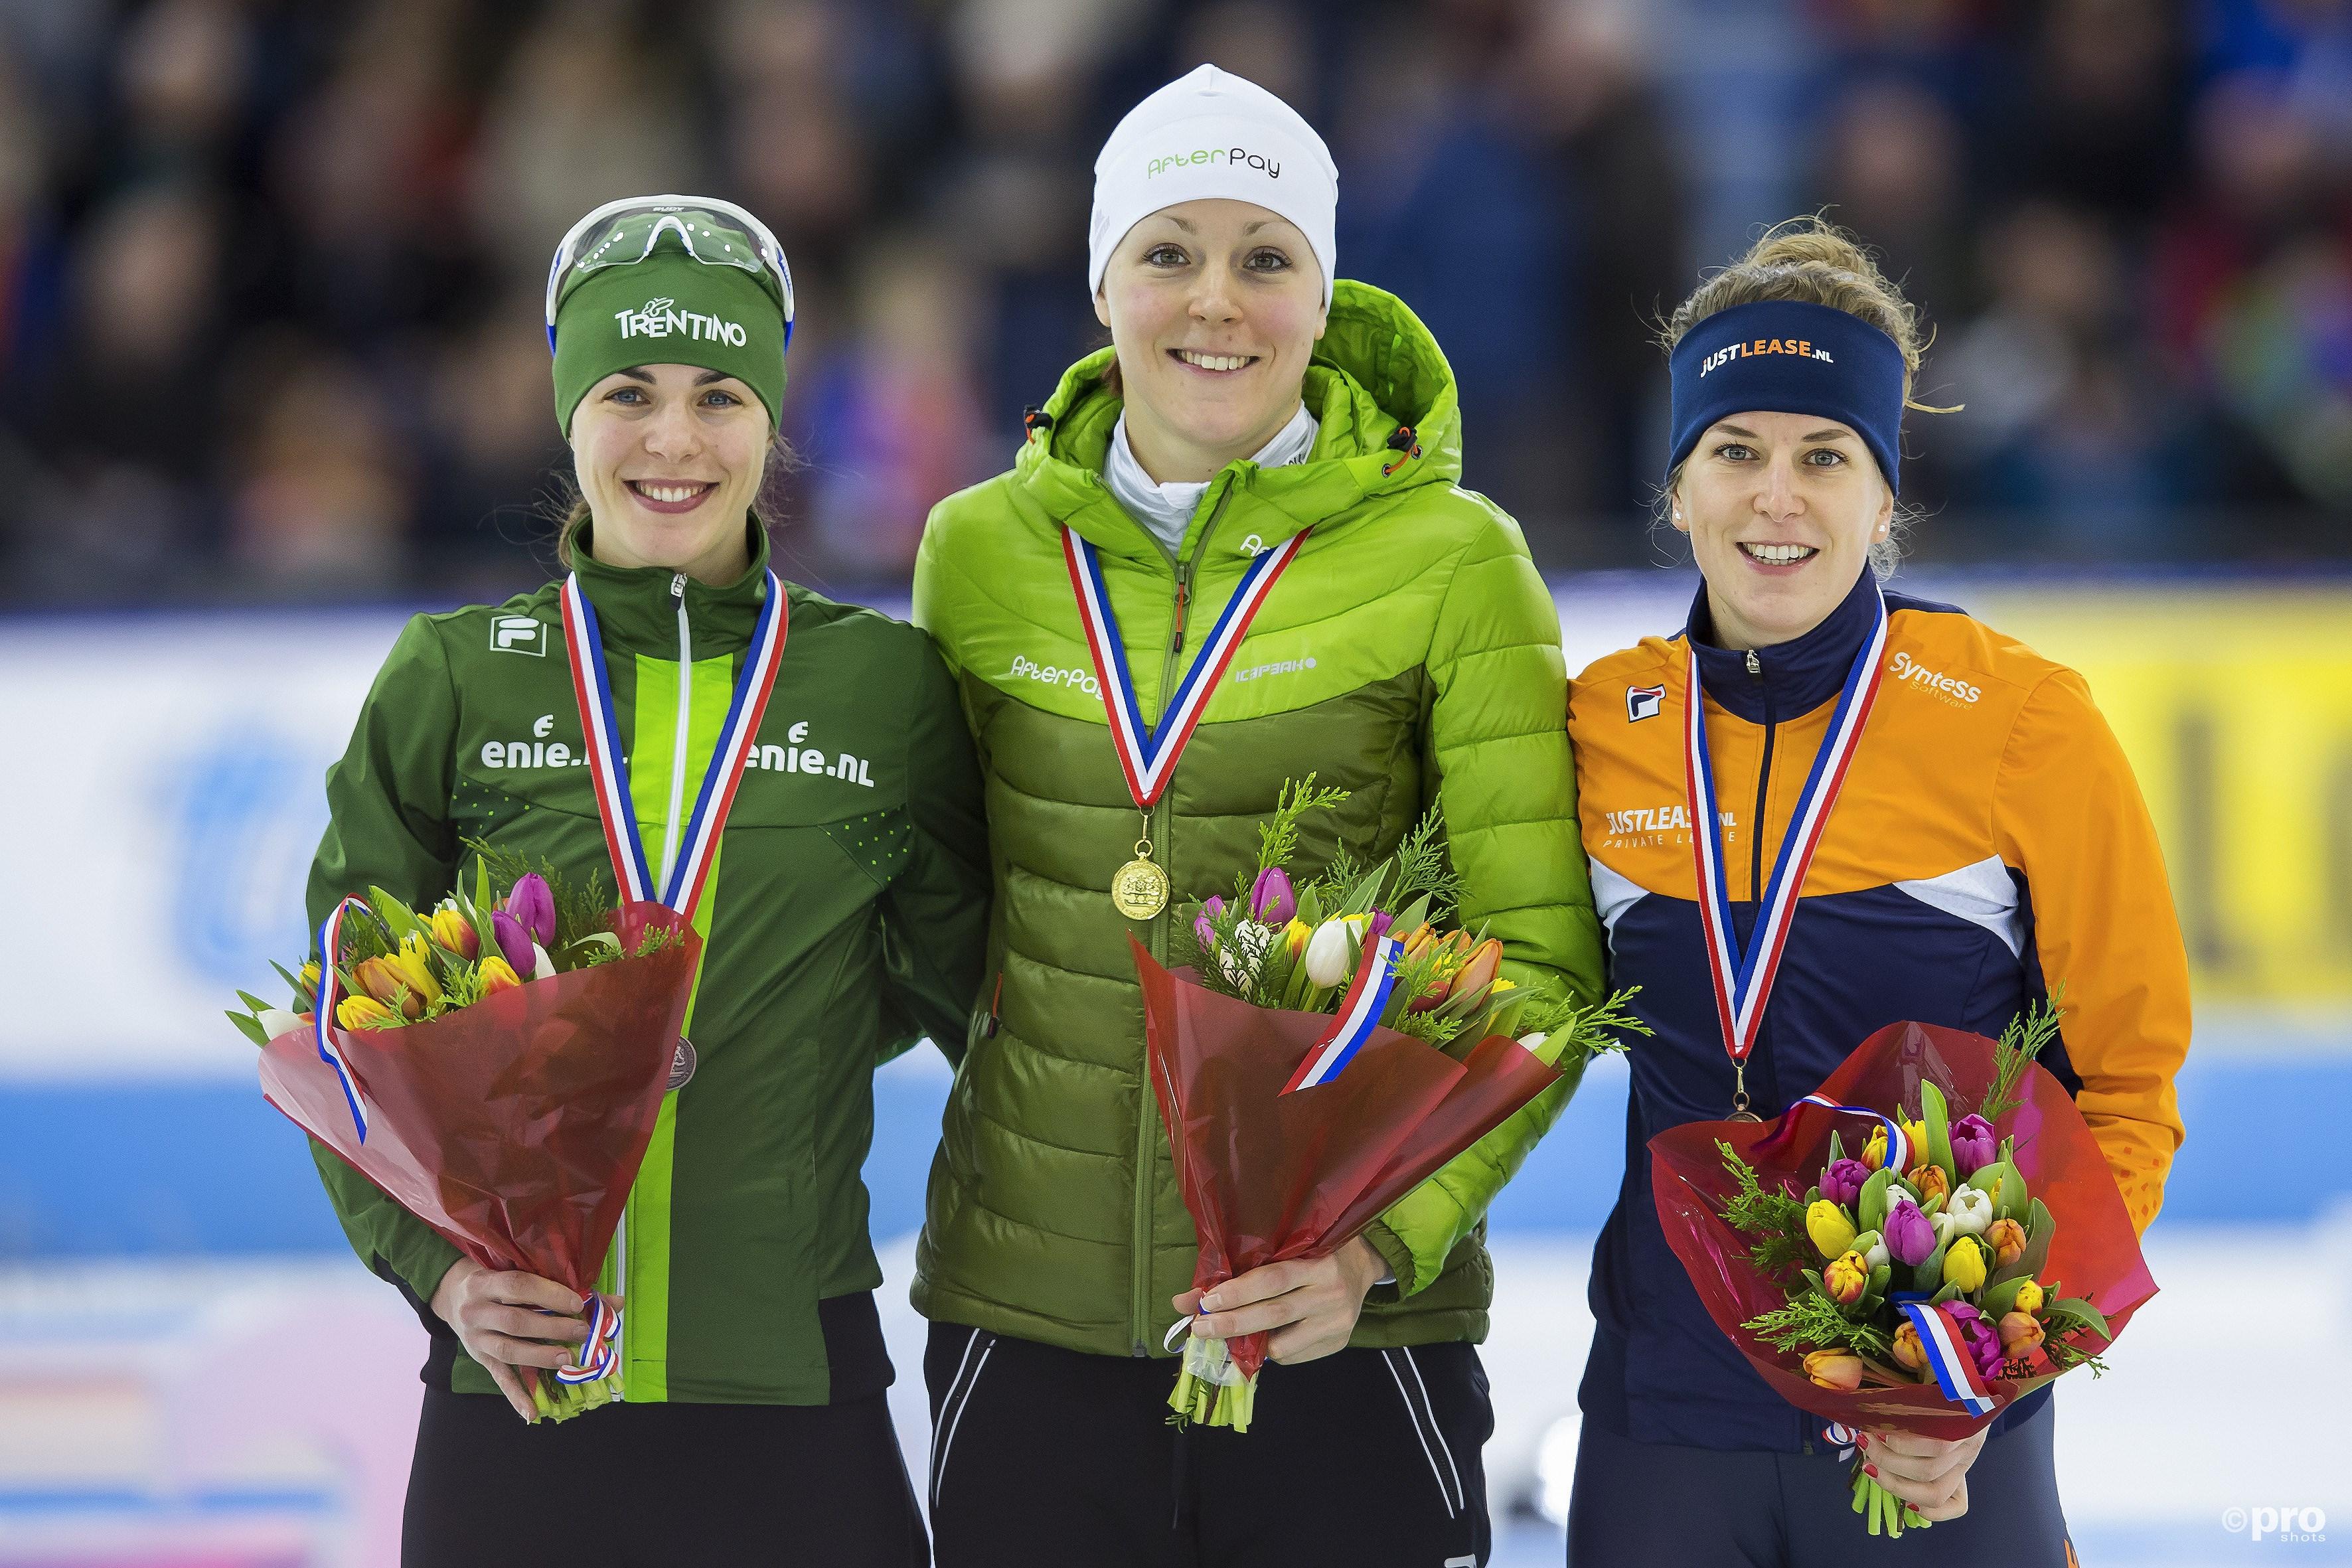 Het podium op de 1000 meter. (PRO Shots/Erik Pasman)